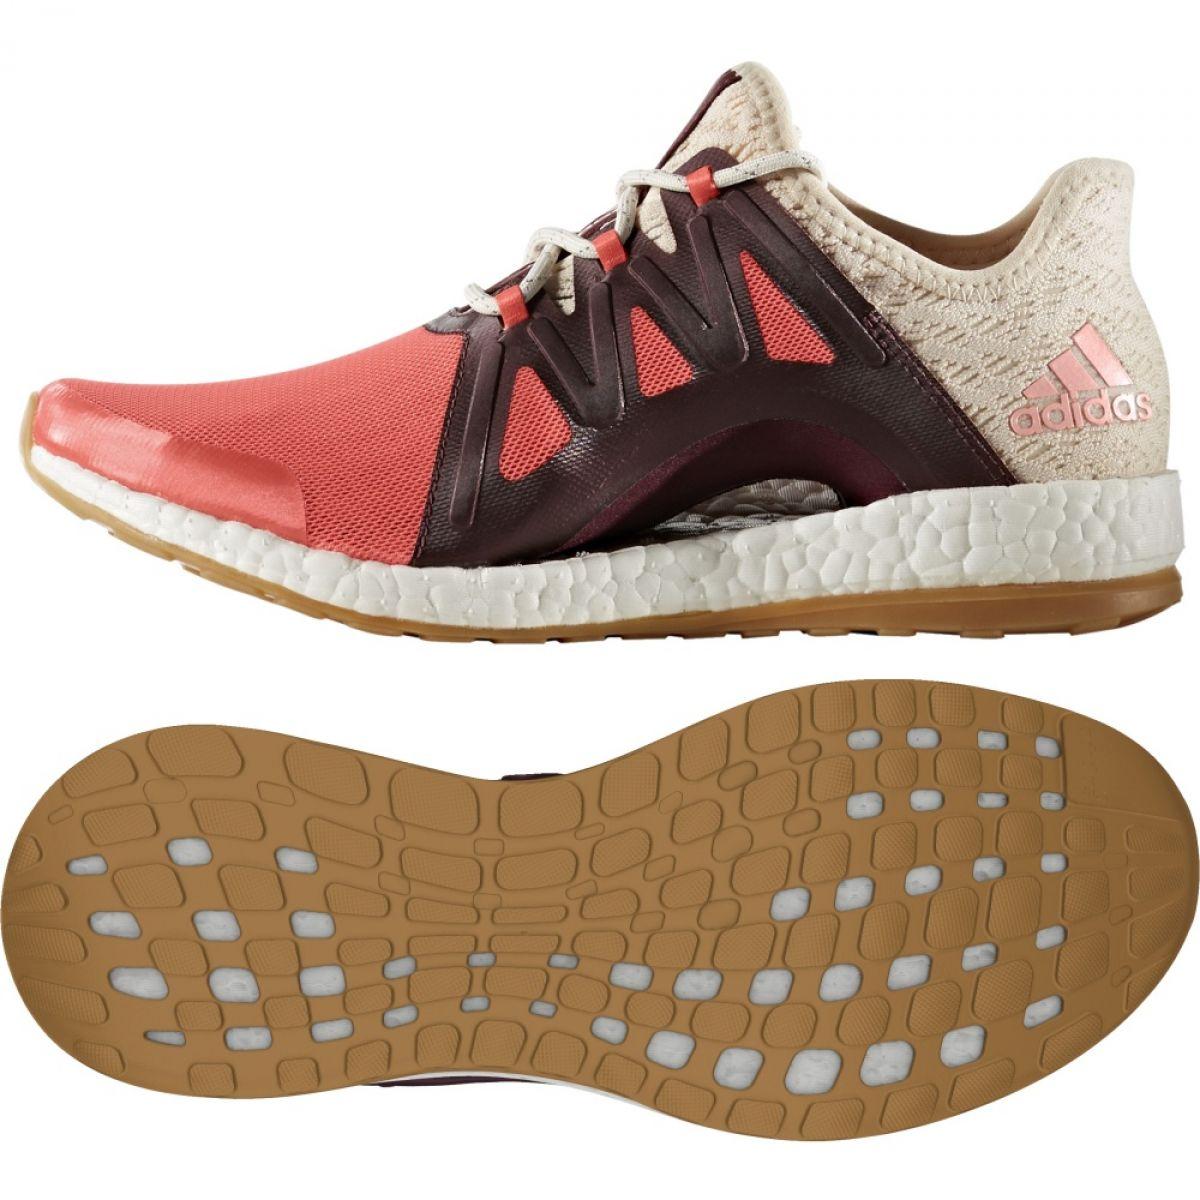 ecc06eb9f46f6 Buty adidas Pure Boost Xpose Clima W BB1739 40 2/3 - 7138900897 ...